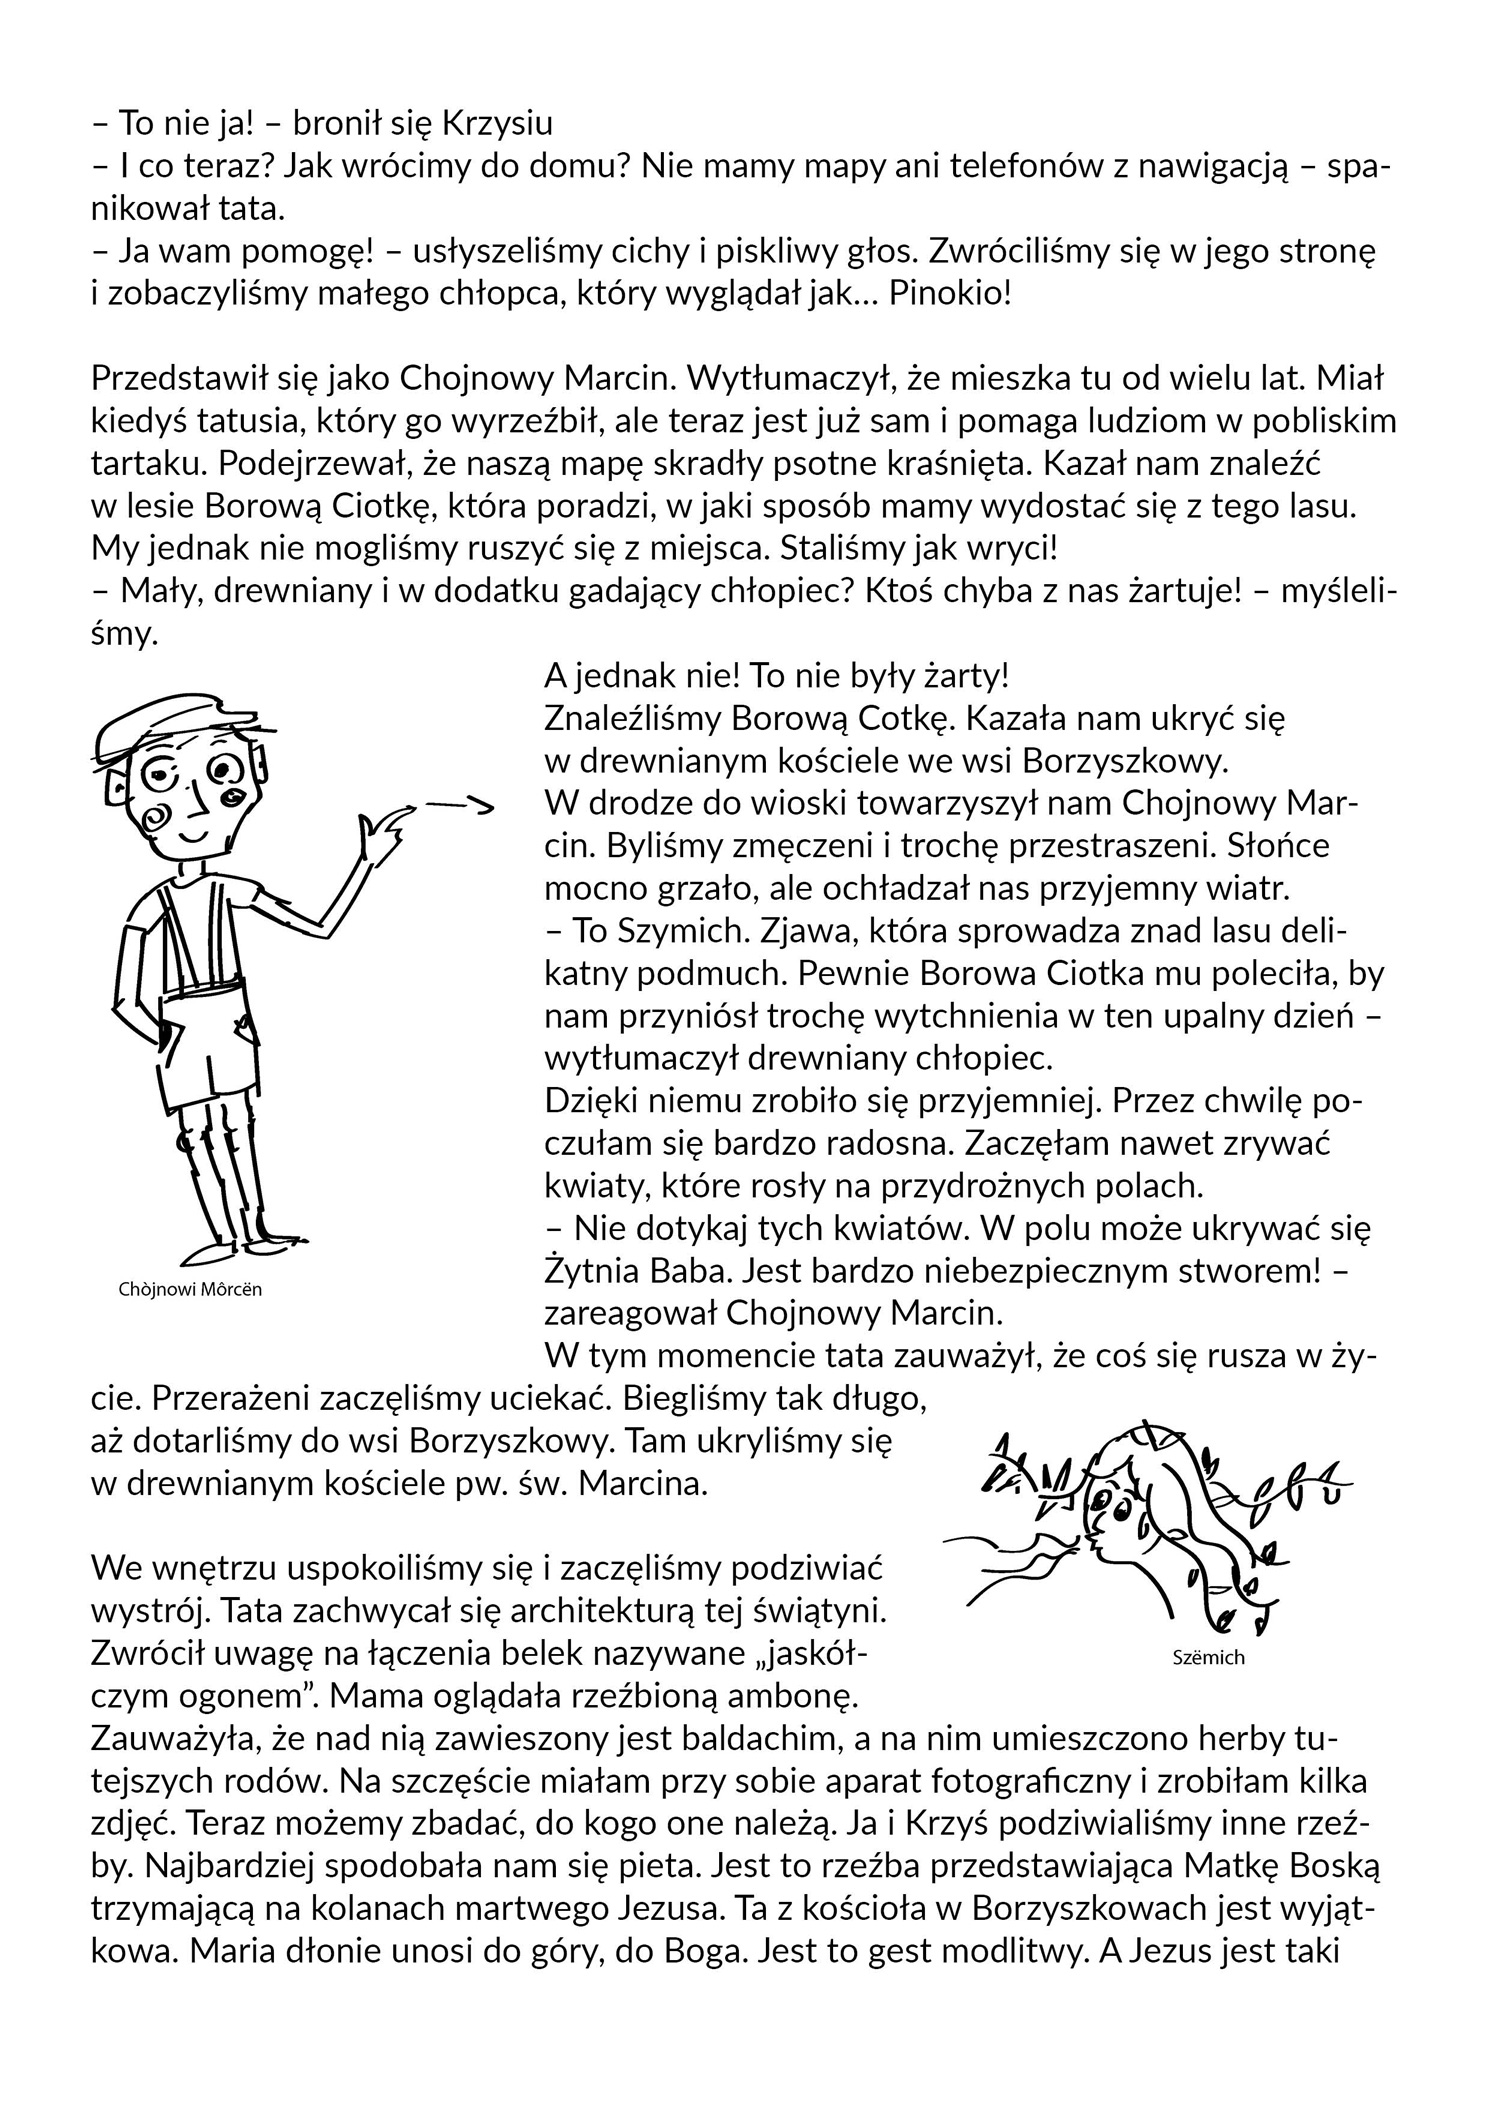 druga strona opowiadania w jezyku polskim